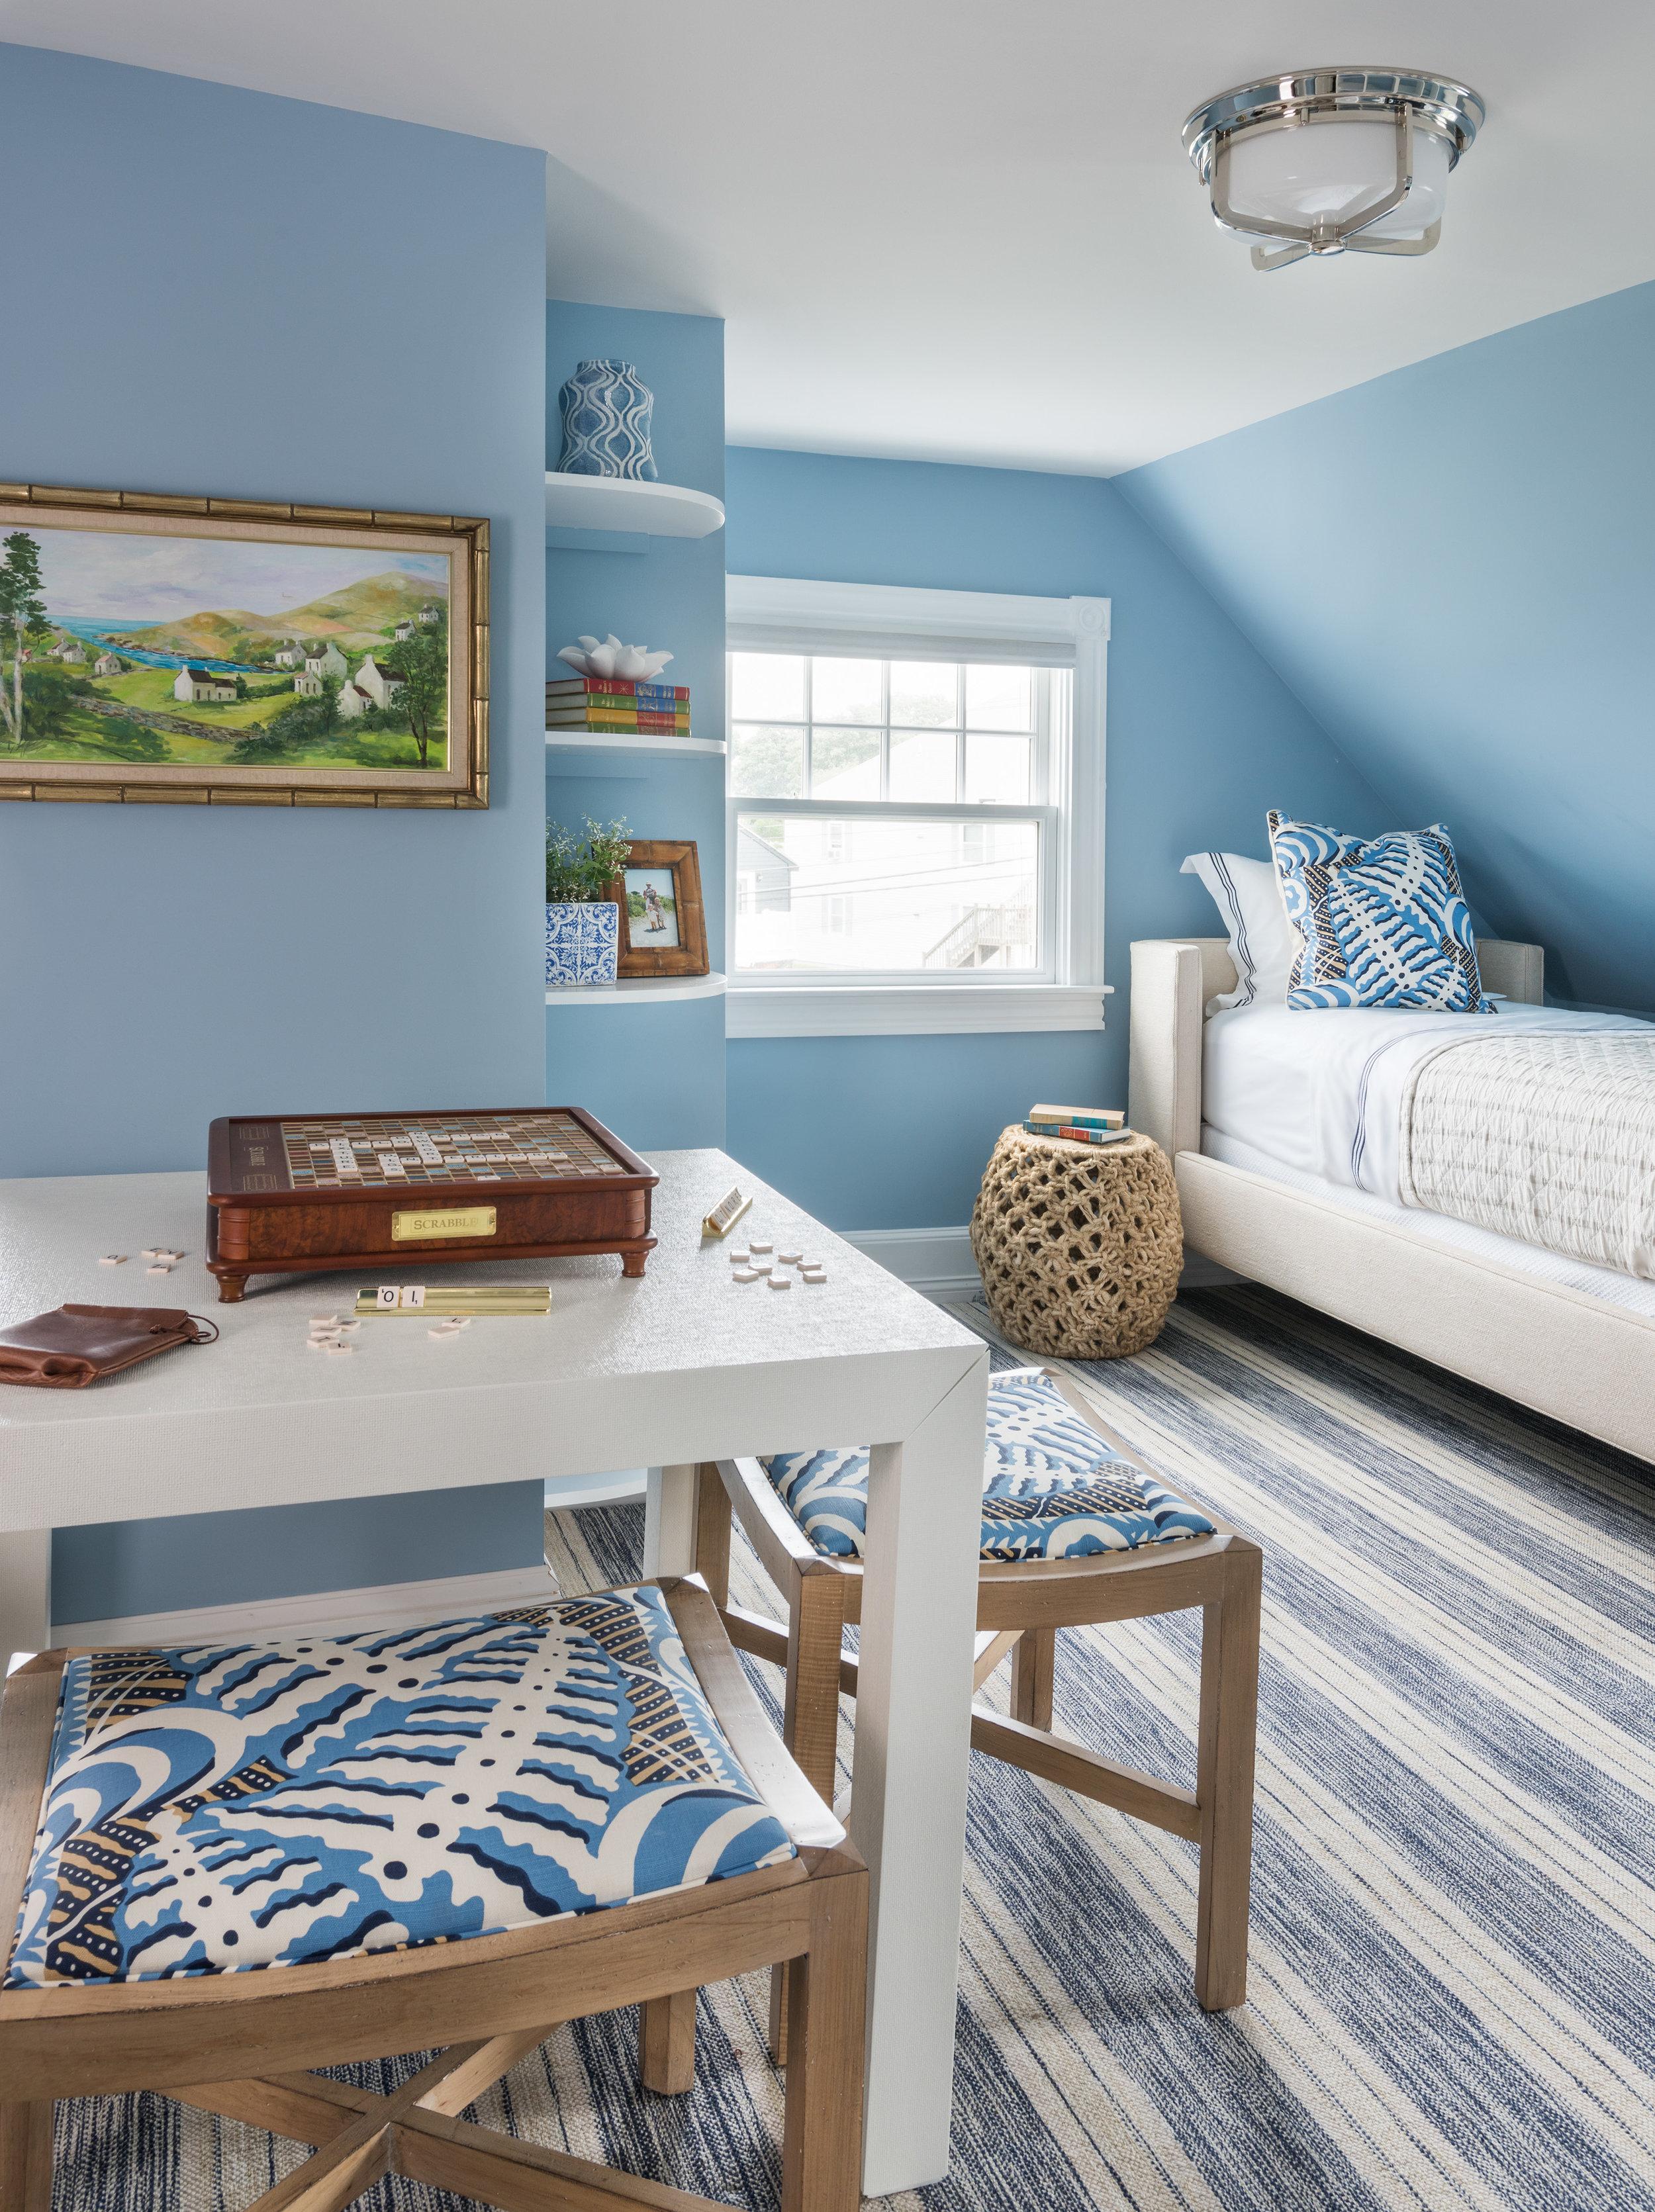 Rhode Island, Newport, Easton's Beach, bedroom, blue bedroom, blue rug, blue walls, beach decor, beach style, interior design